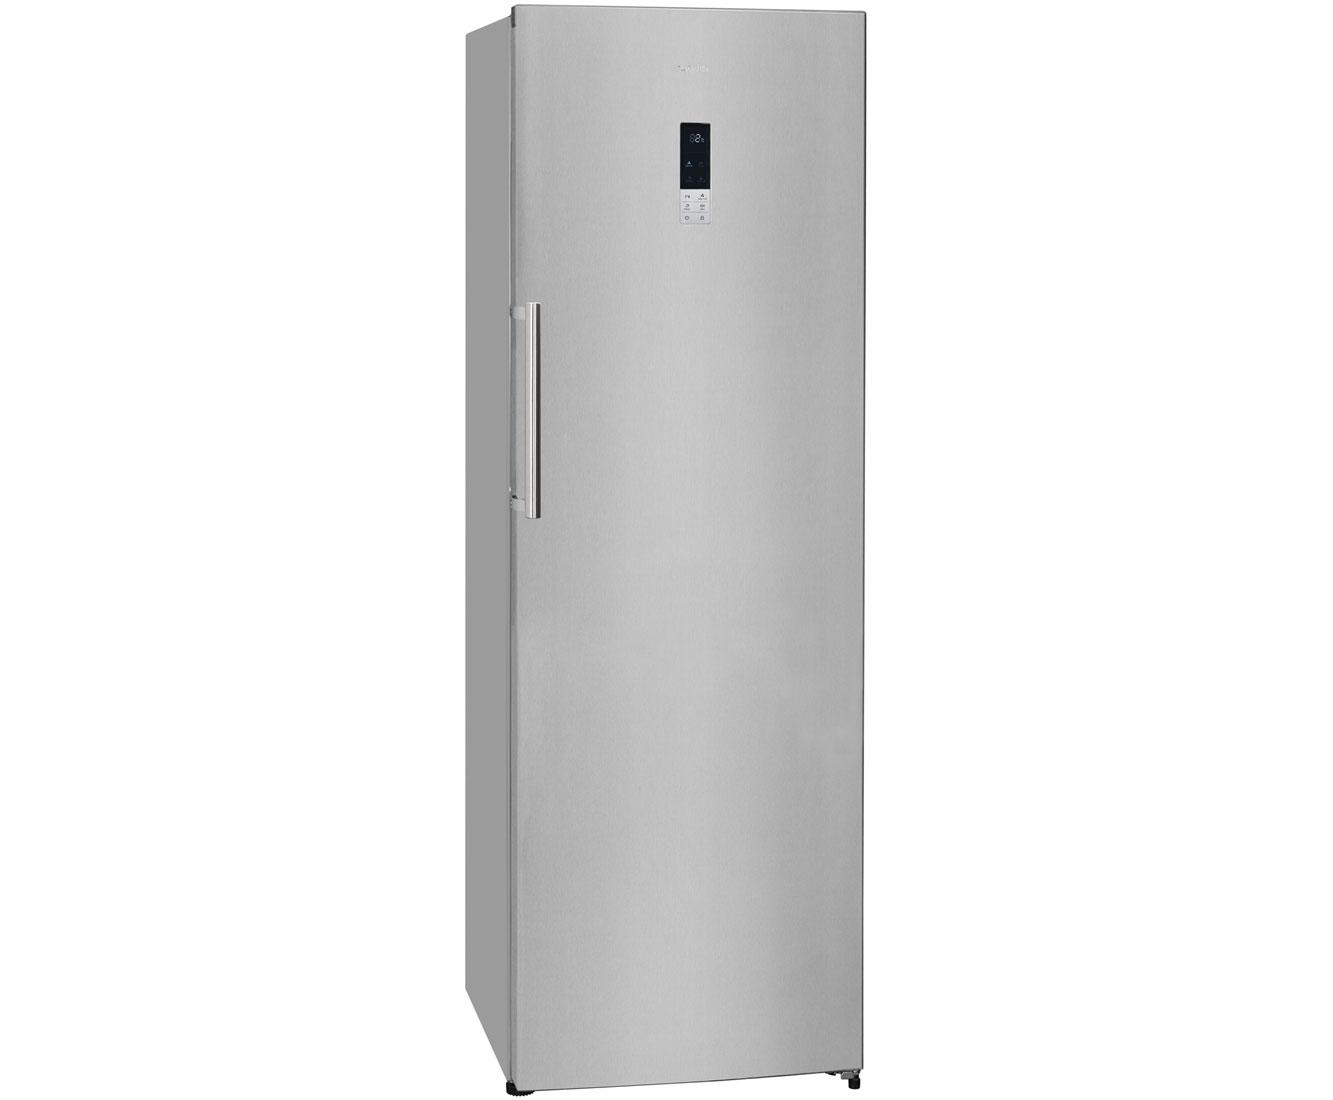 Exquisit Retro Kühlschrank : Exquisit ks rve a kühlschrank edelstahl optik a